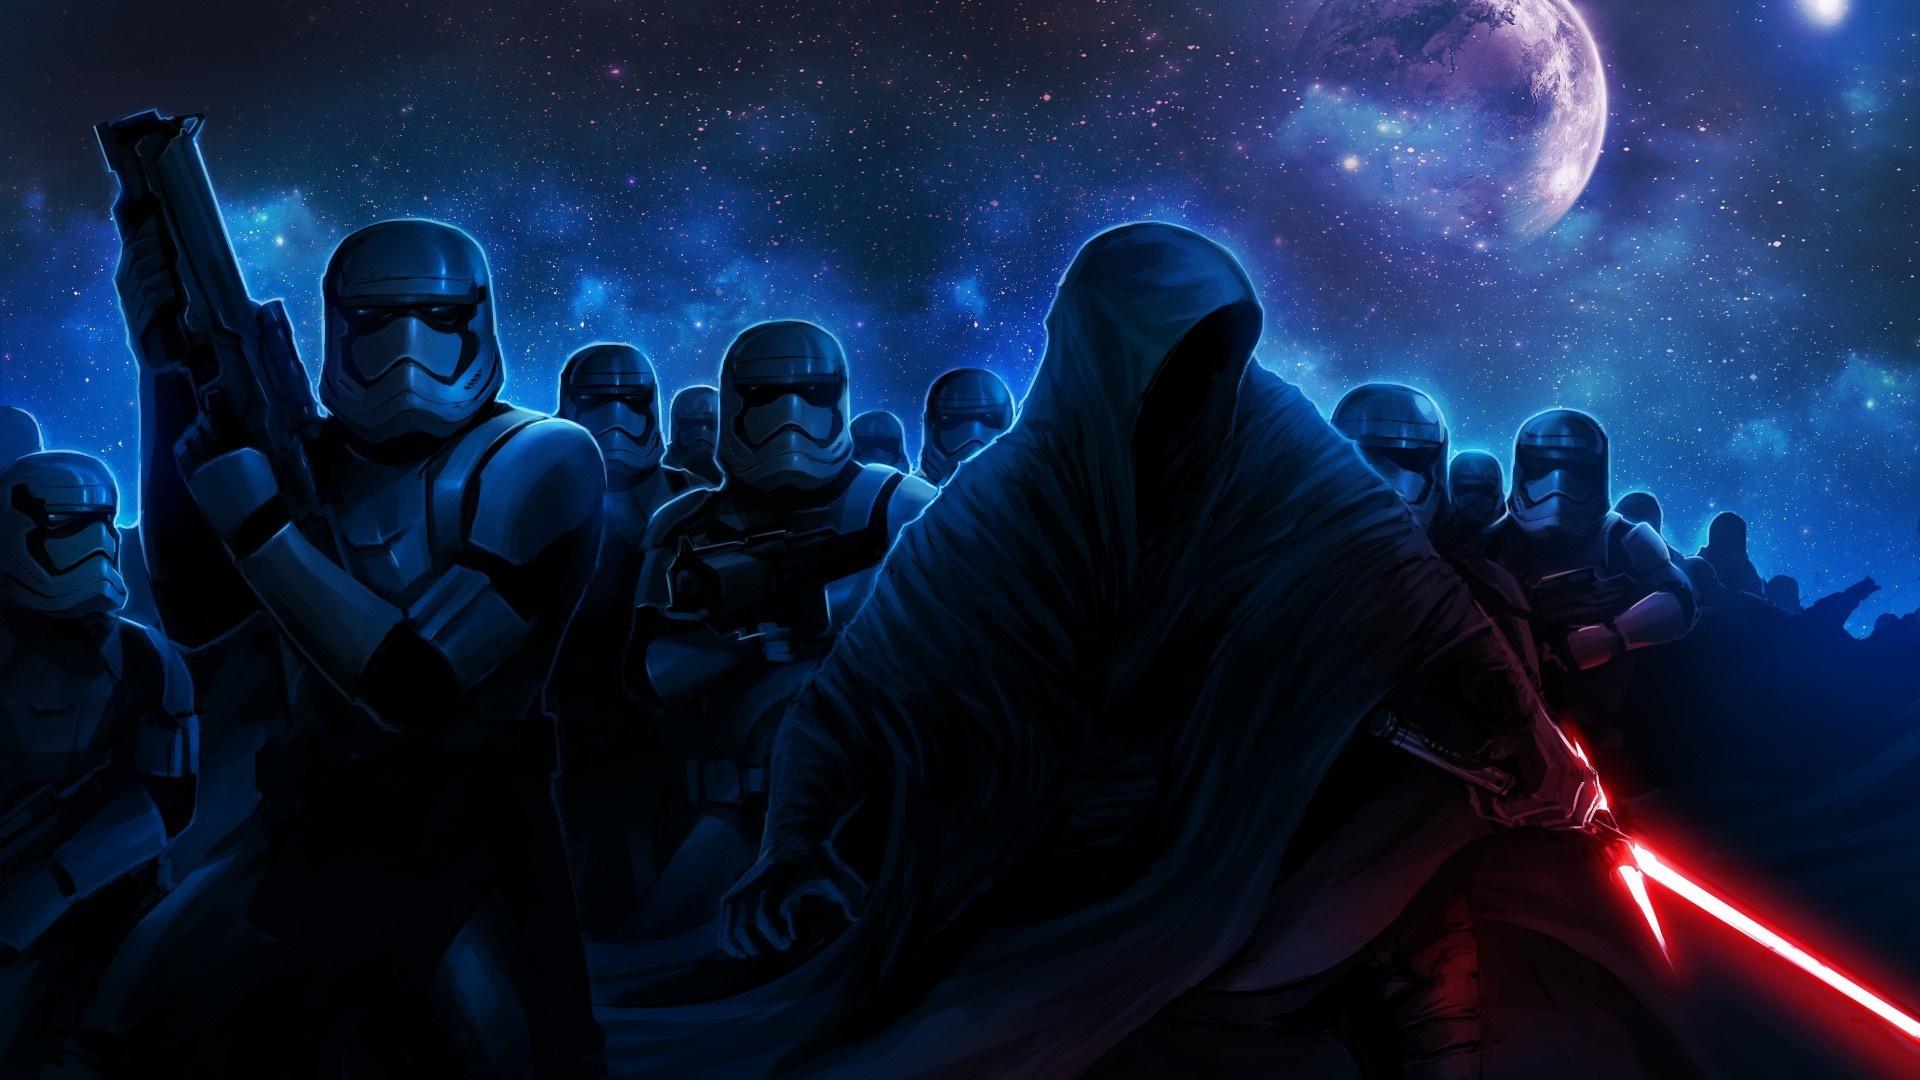 Star Wars hd background